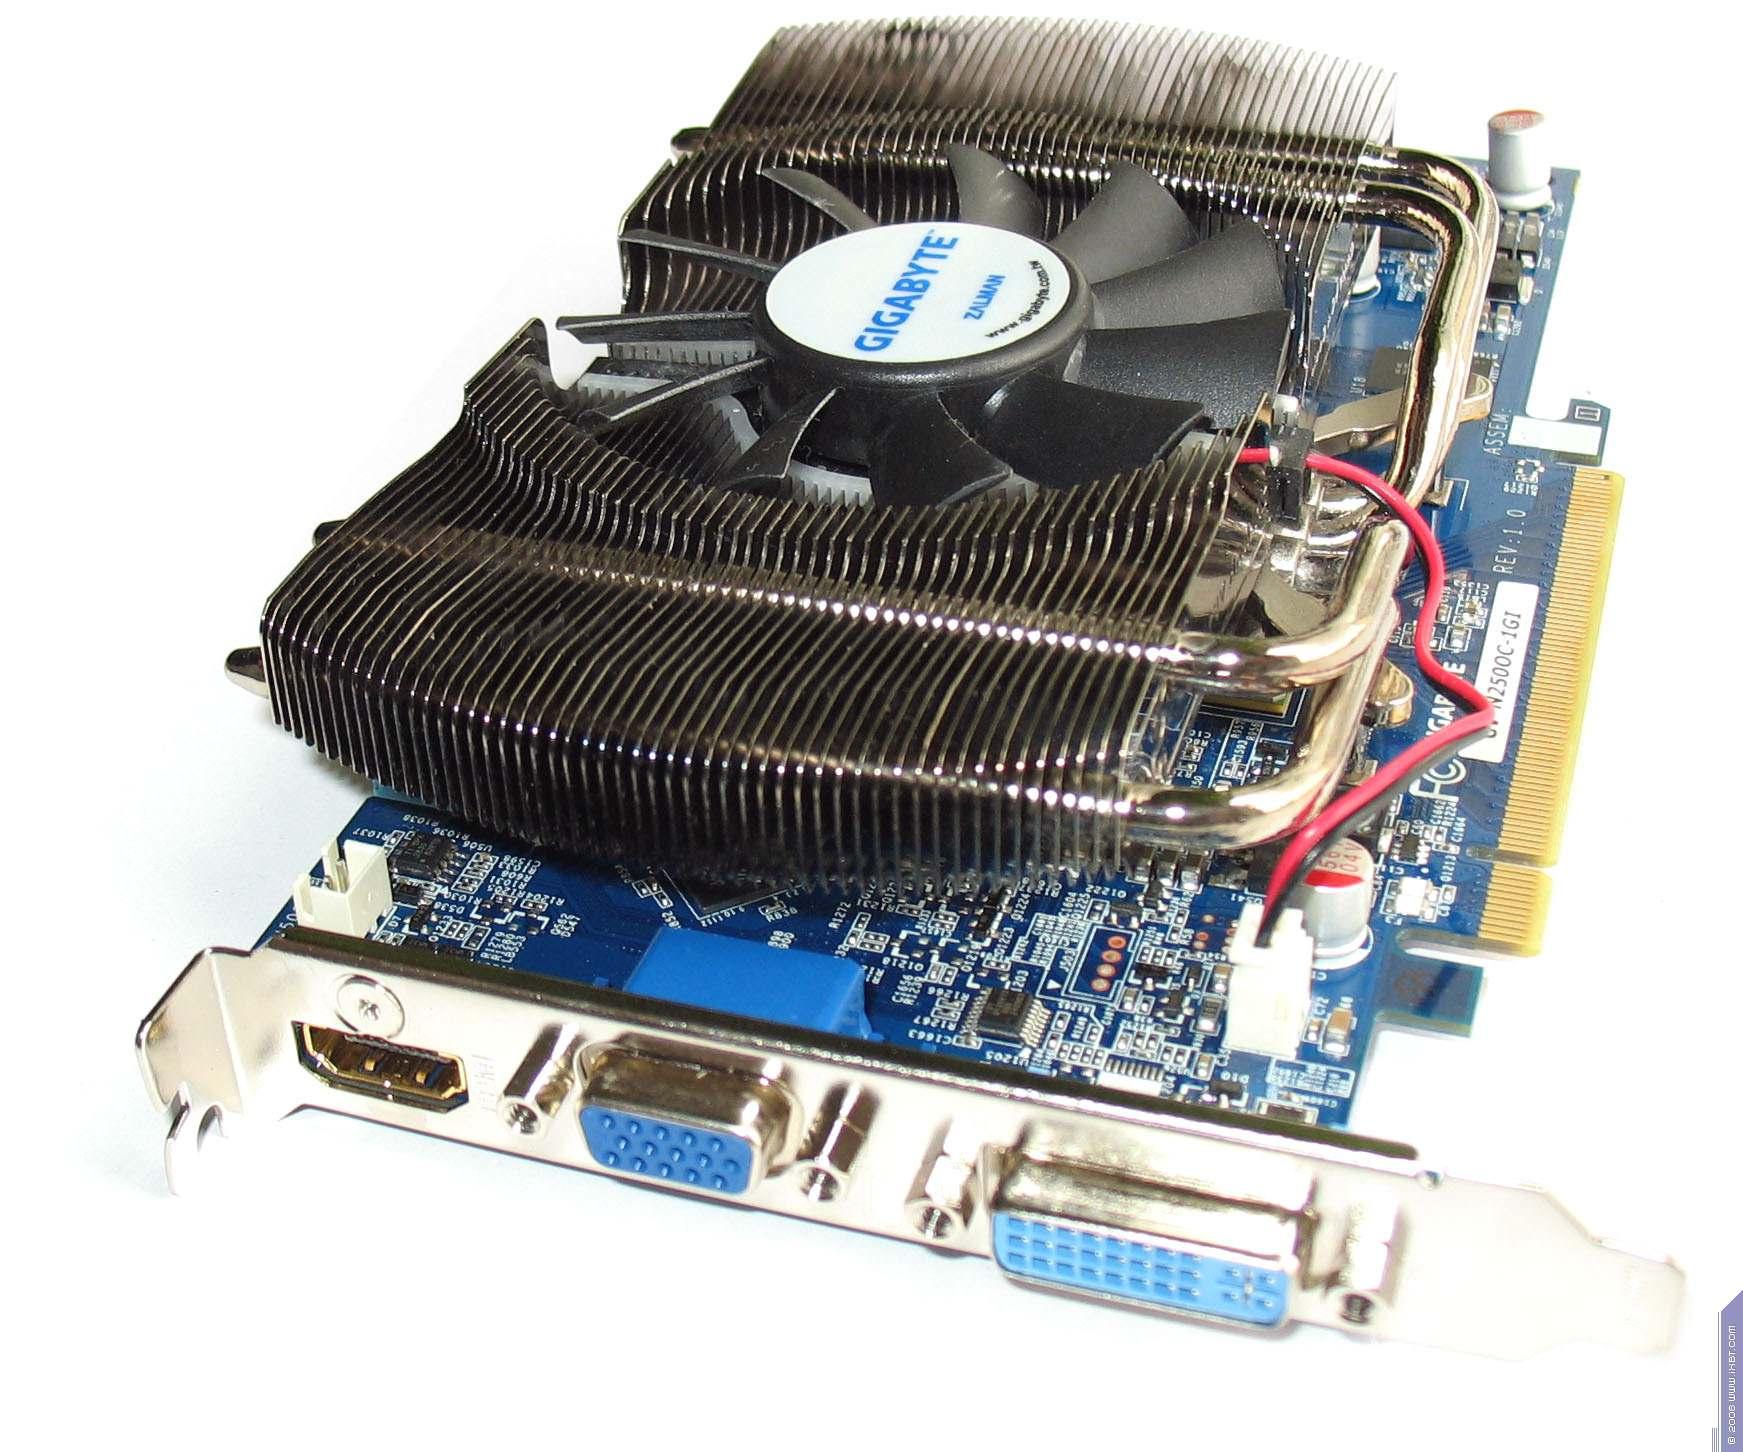 скачать новейшие драйвера на видеокарту nvidia gts 250